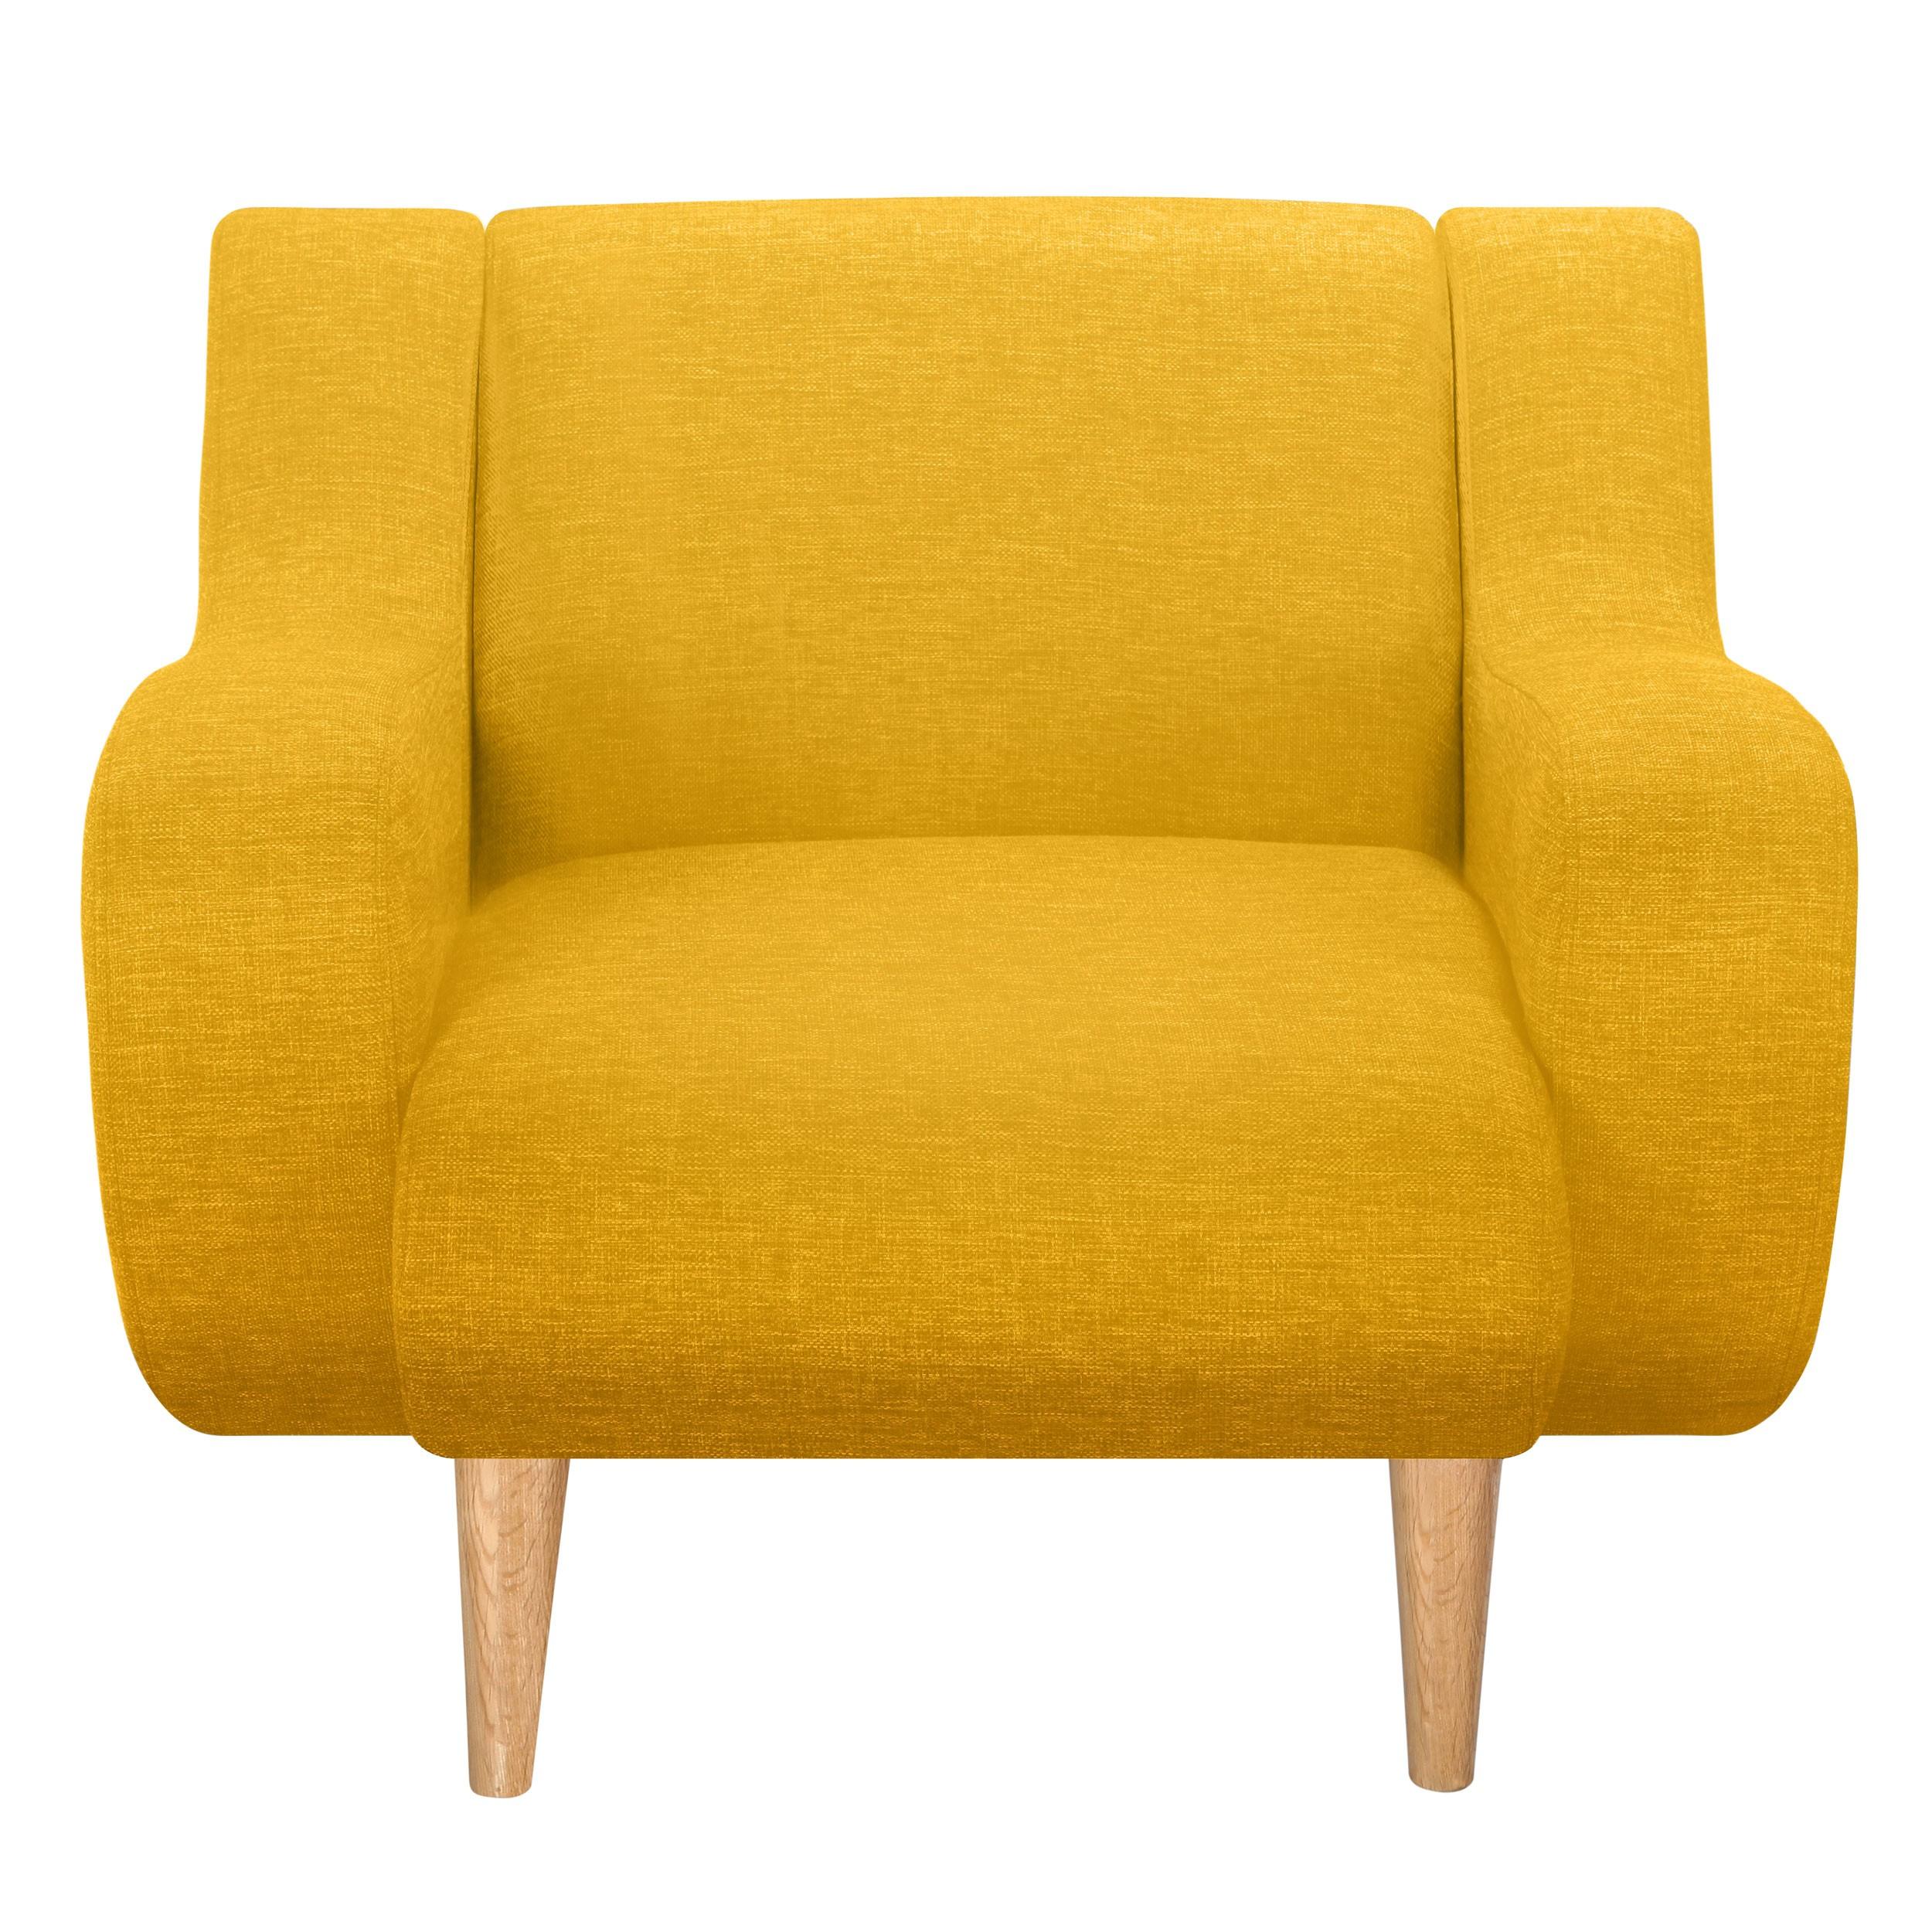 fauteuil stockholm jaune installez nos fauteuils stockholm jaunes chez vous rdv d co. Black Bedroom Furniture Sets. Home Design Ideas